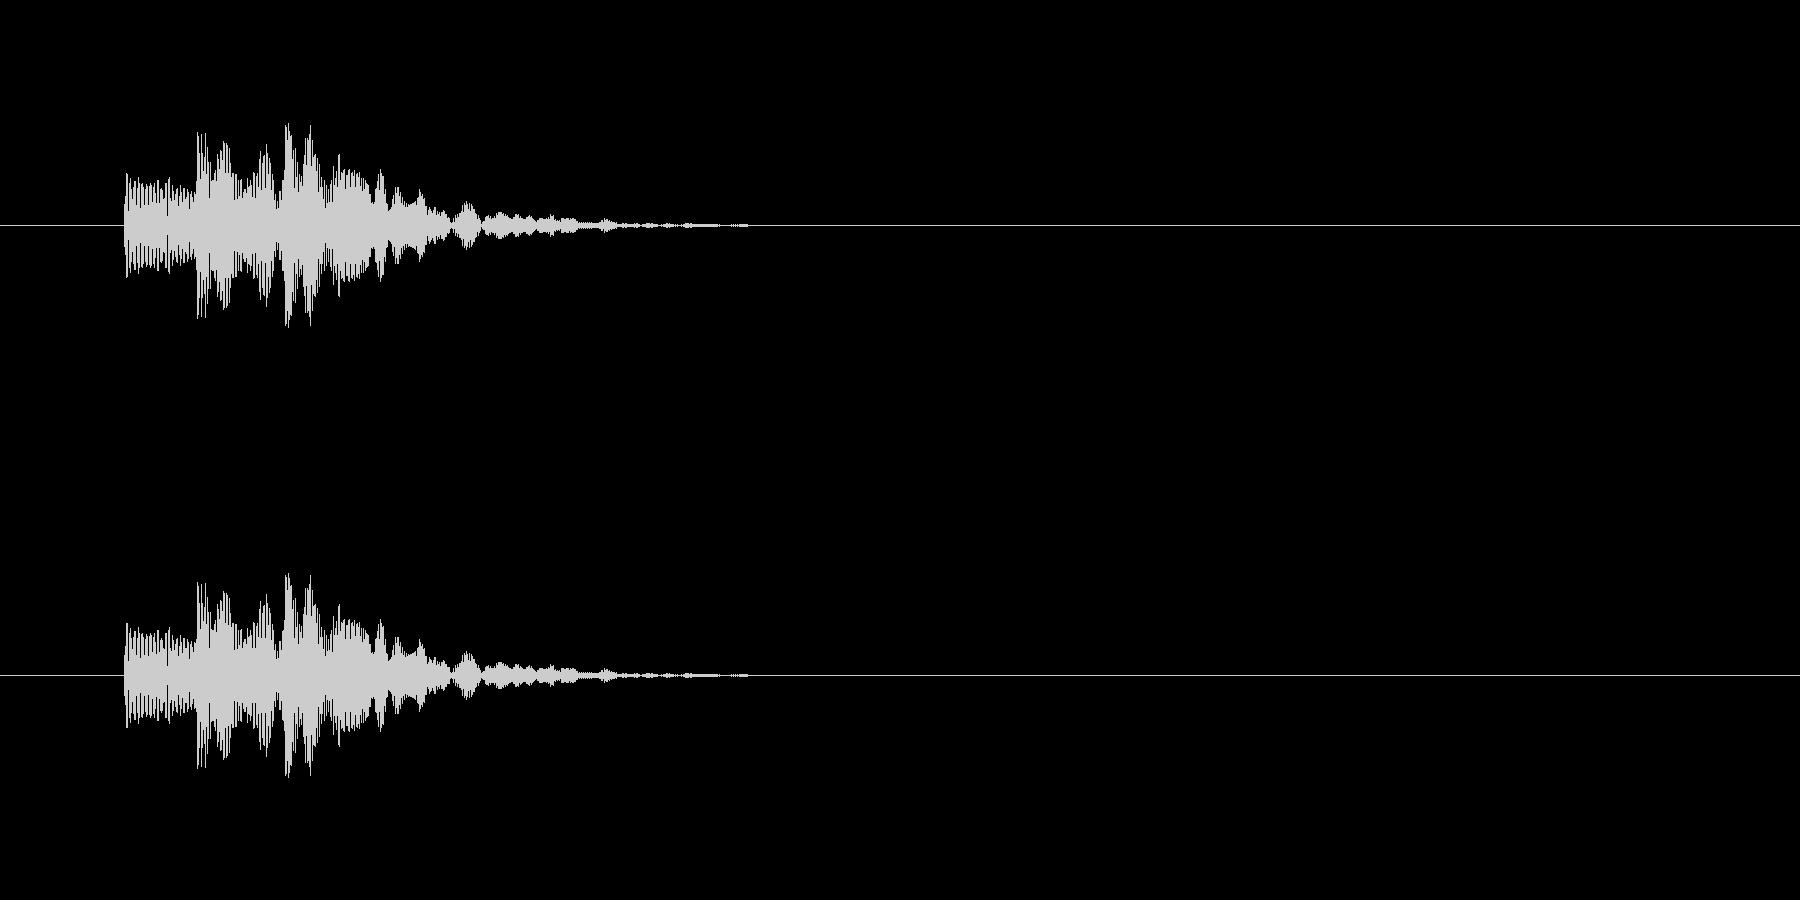 汎用カーソルSE_コミカルSEの未再生の波形